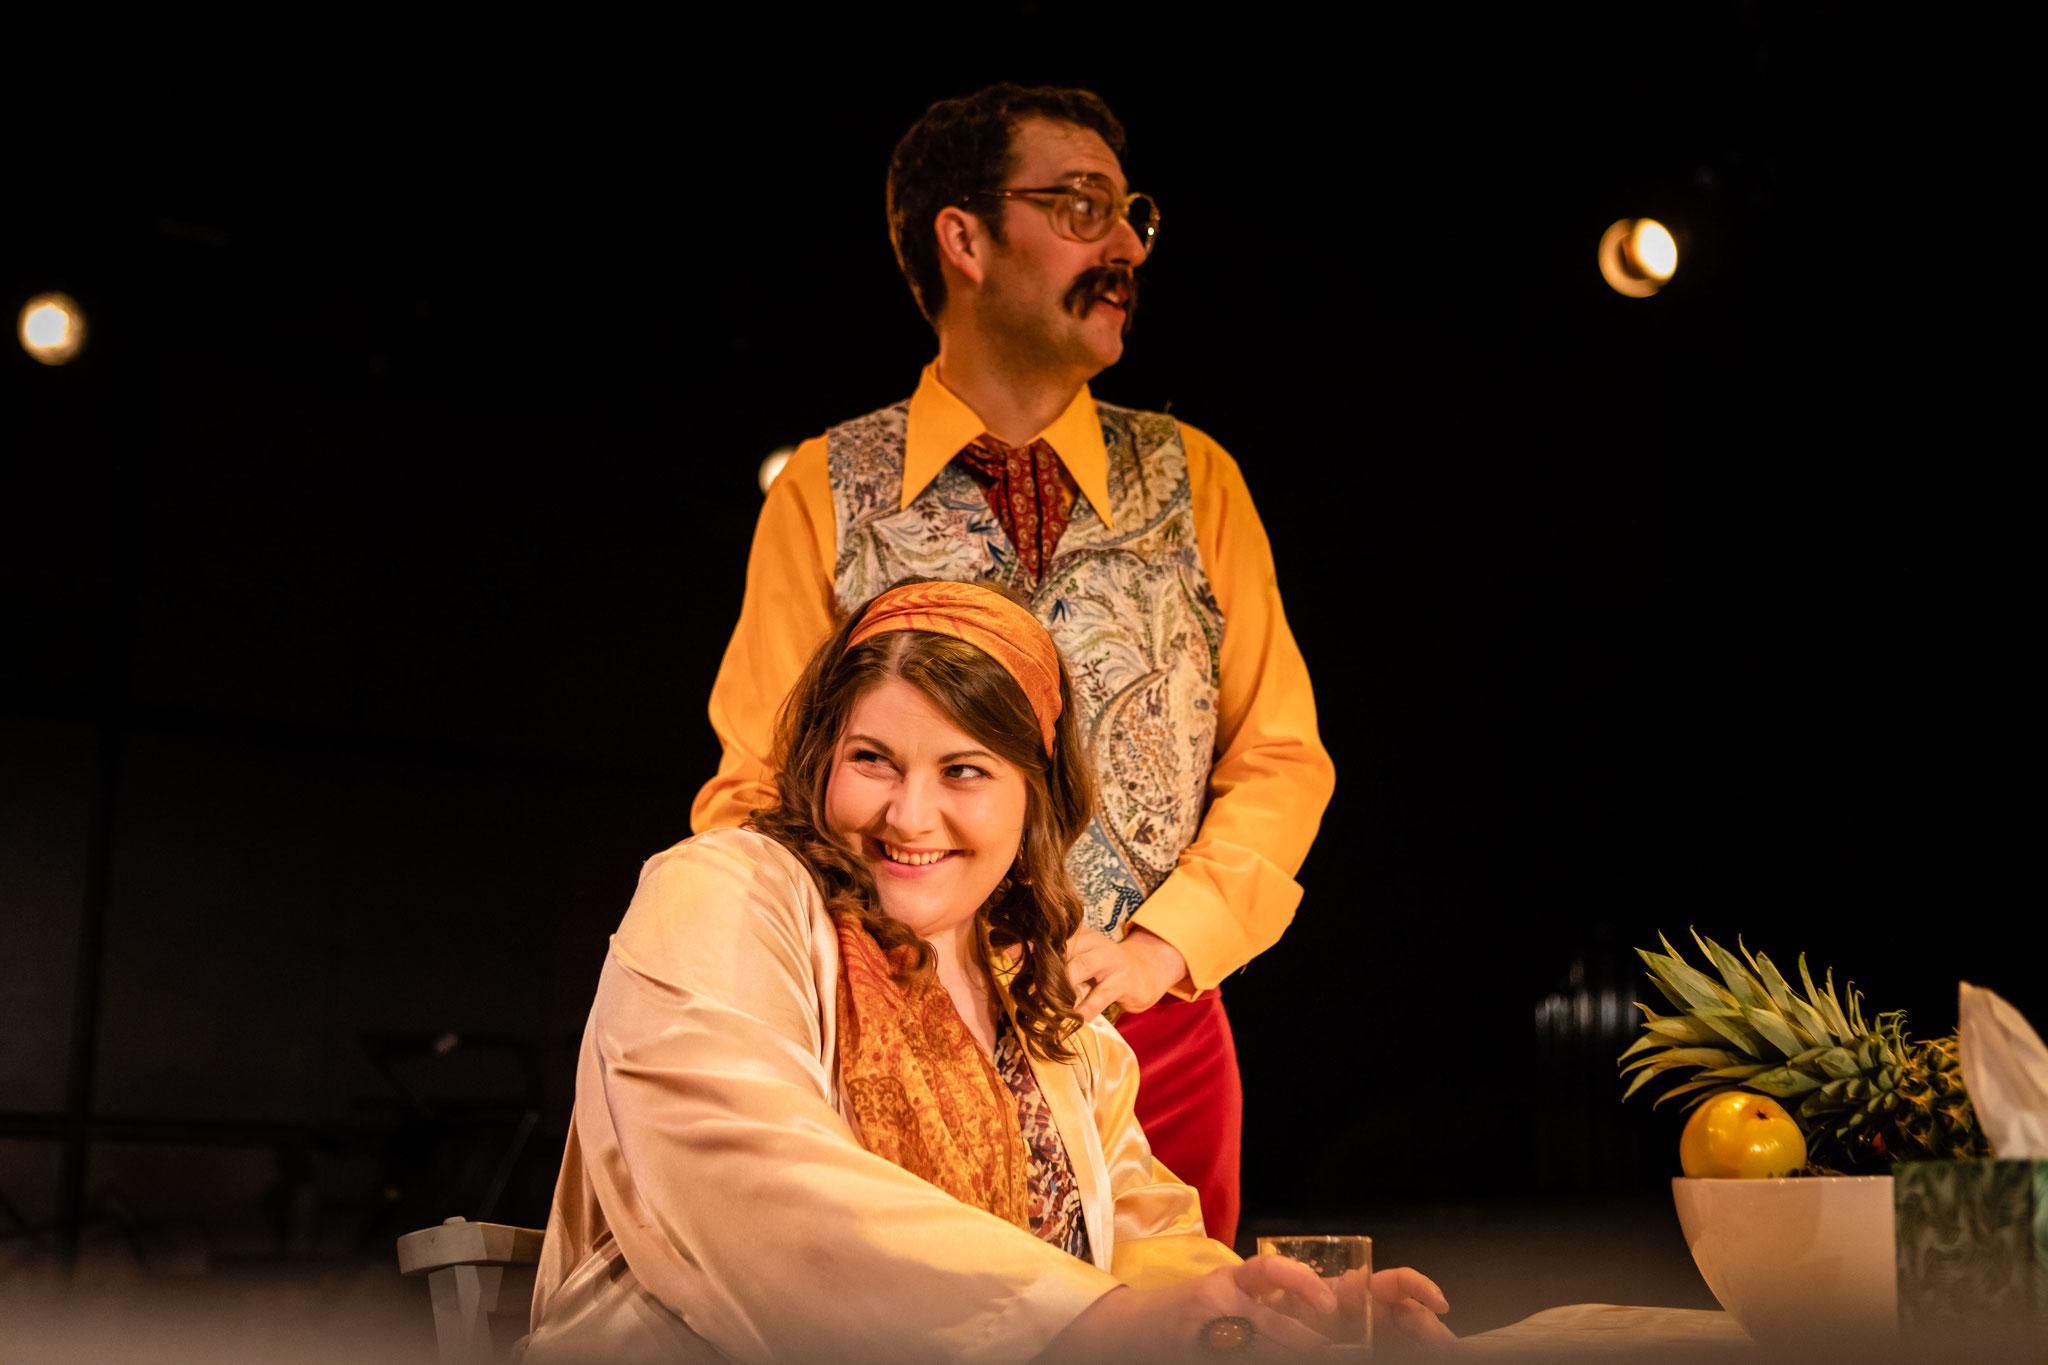 Rosalinde & Eisenstein (Matthew Palmer), Die Fledermaus: Guildhall School Opera Makers July 2019 - Photo courtesy of FGStudios